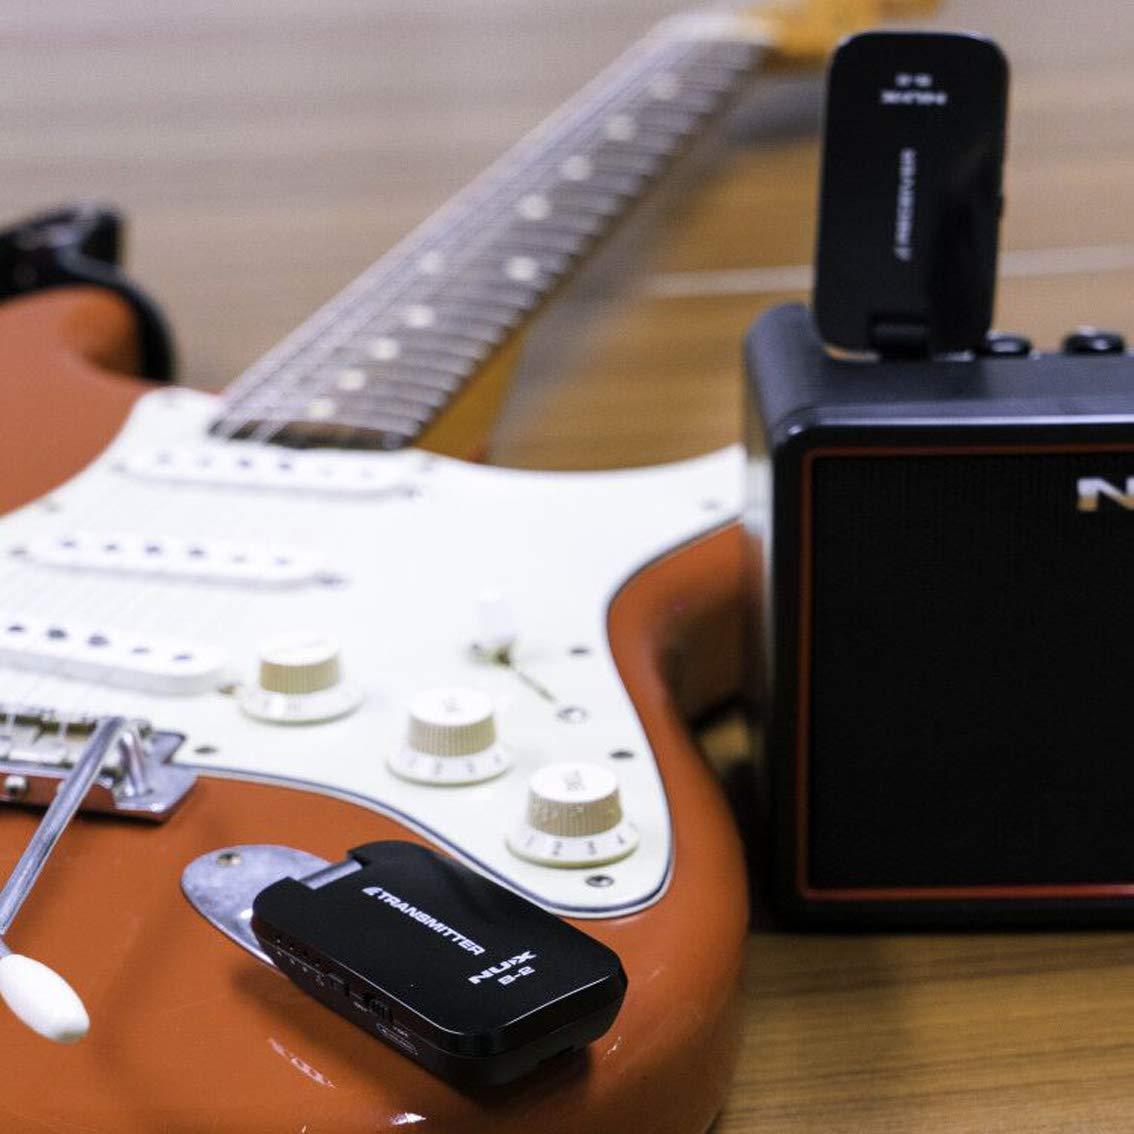 NUX Guitarra Inalámbrica batería 4 canales 2.4 GHz Sistema Inalámbrico Audio Transmisor Receptor: Amazon.es: Instrumentos musicales